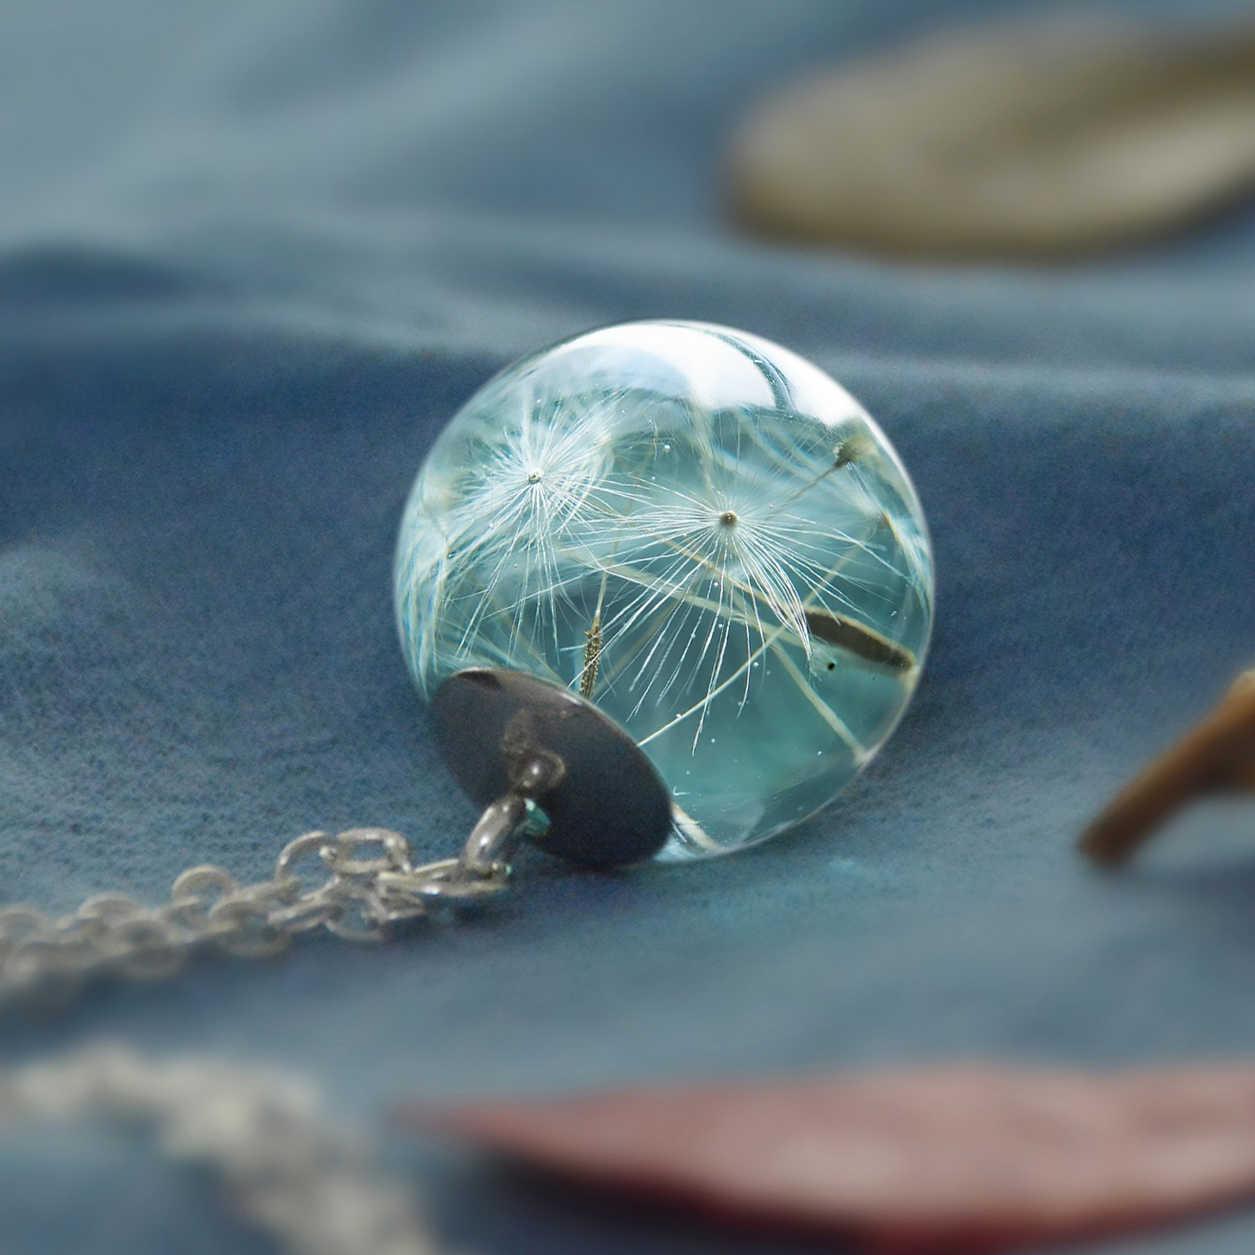 Xanh Dương Bồ Công Anh Mặt Dây Chuyền Dây Chuyền Hoa Khô Nhựa Dính Trang Sức Đồng Bạc Dây Chuyền Vòng Đeo Cổ Cho Nữ Quà Tặng Giáng Sinh